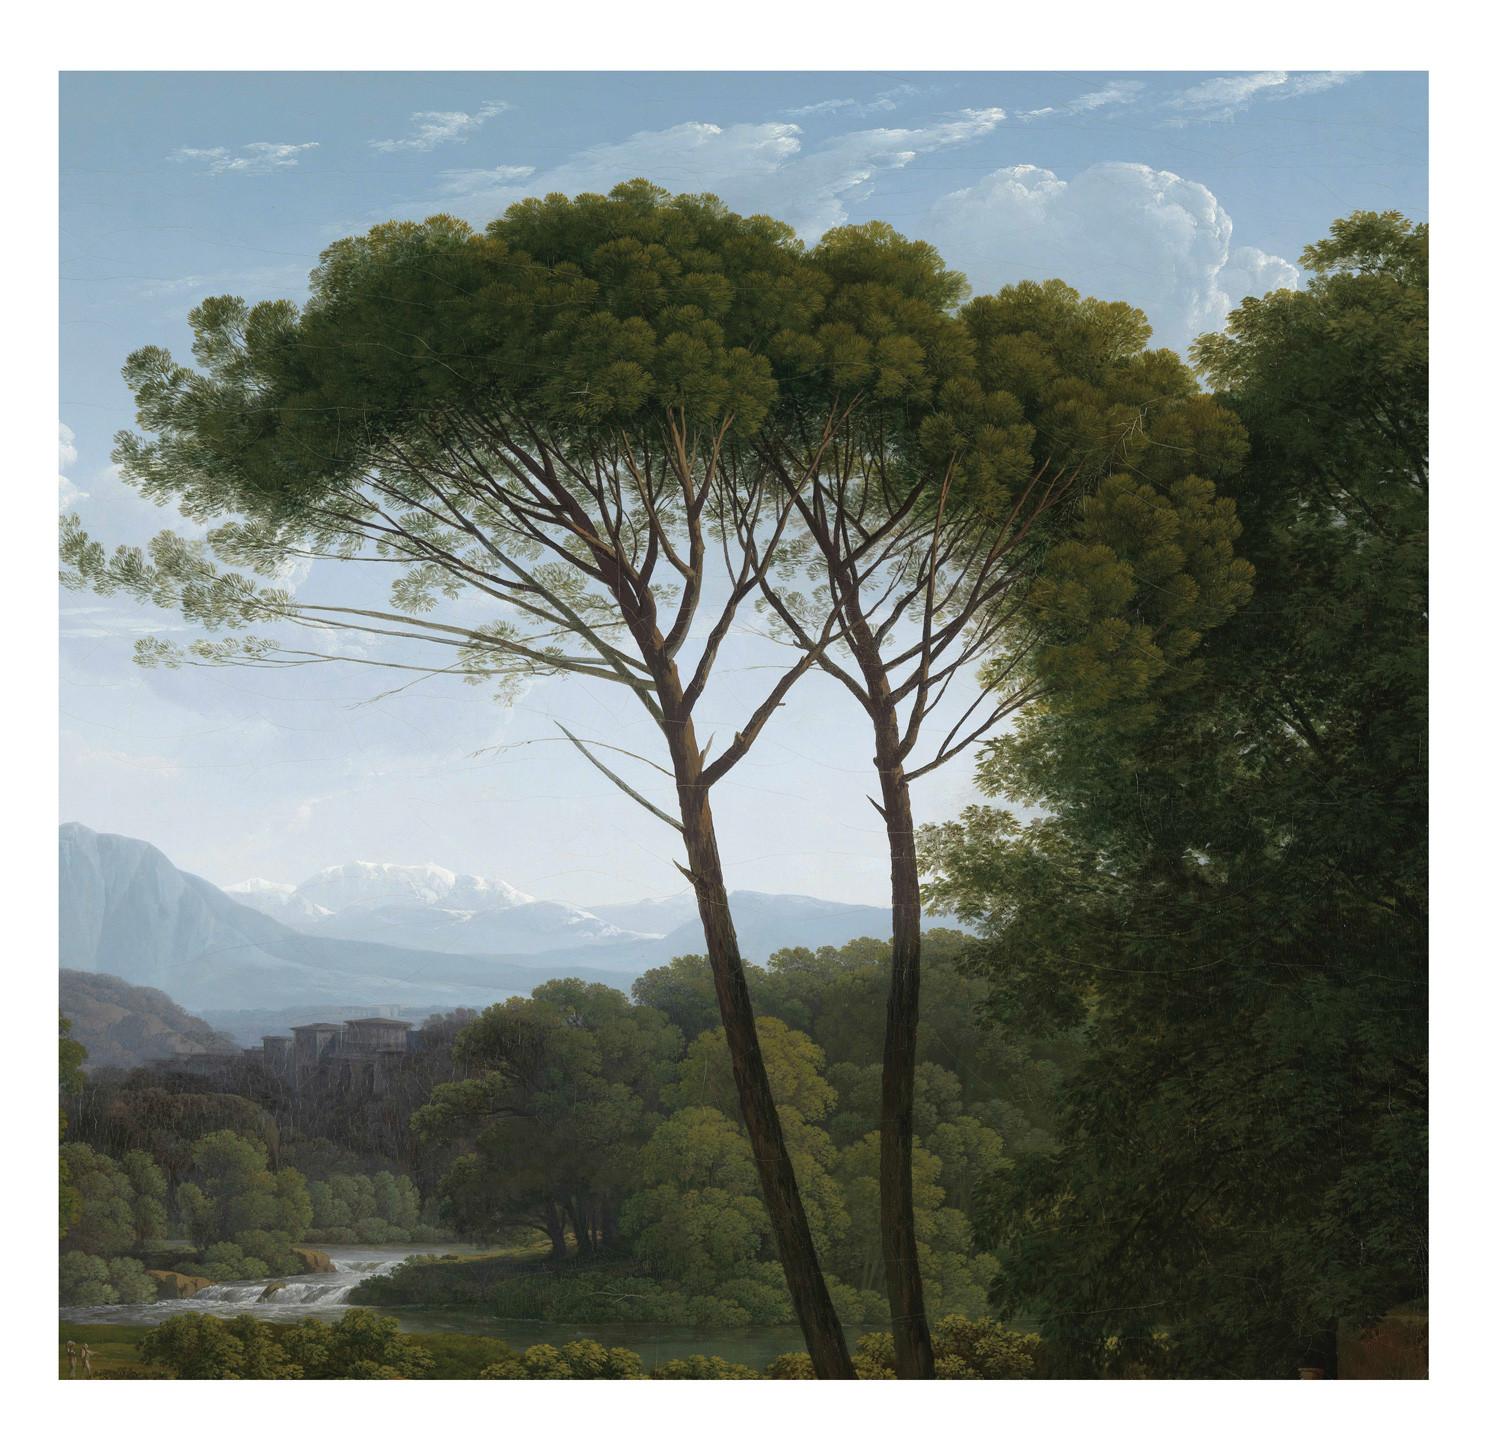 Kek Amsterdam Behang Golden Age Landscapes II-8718754018166-31